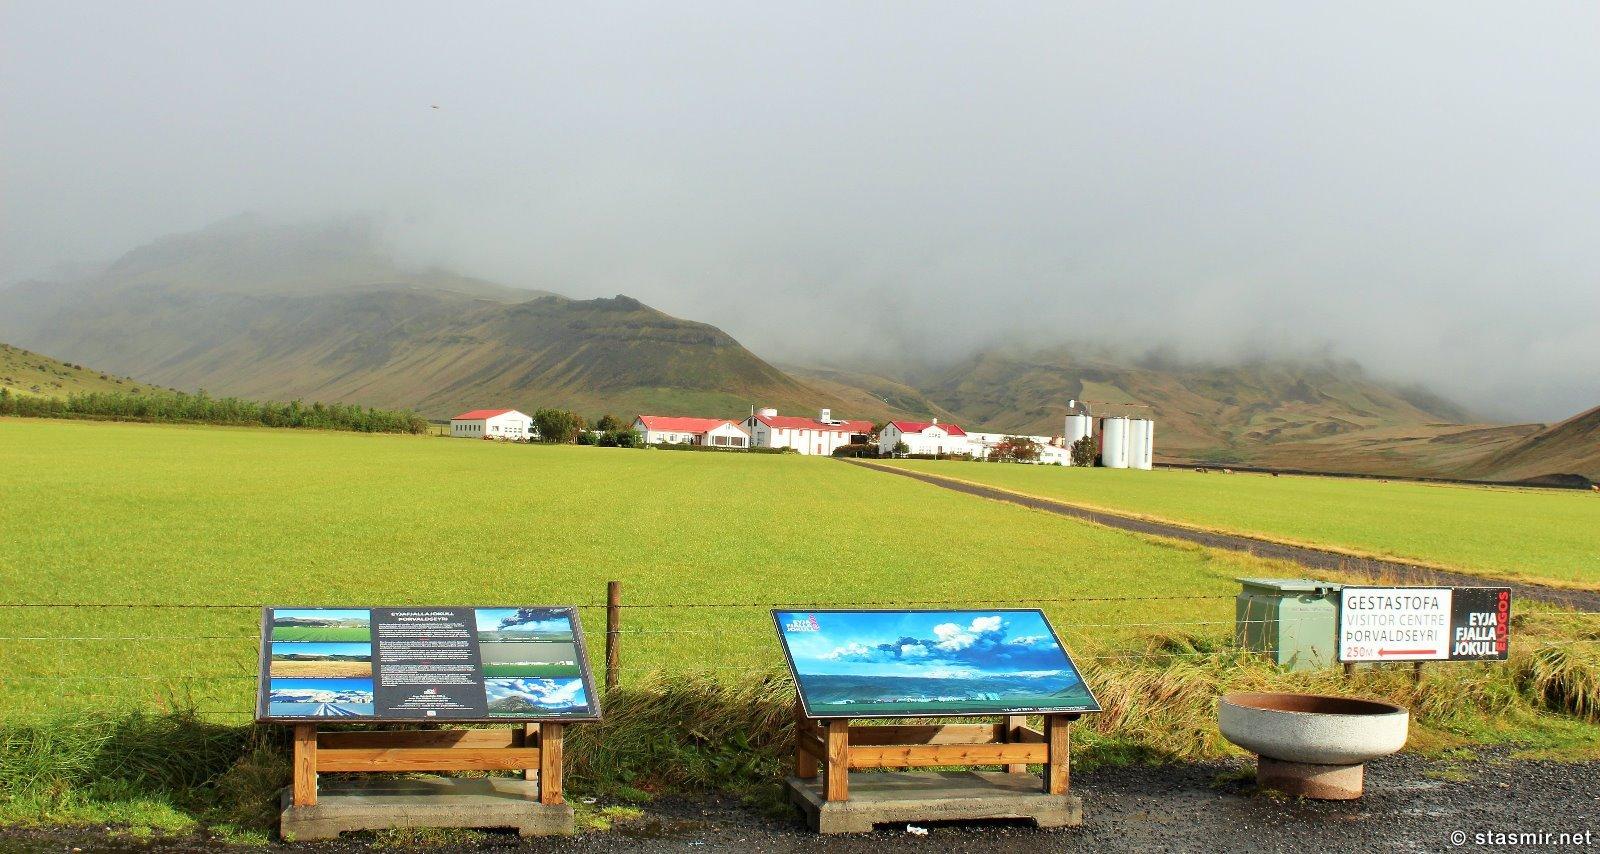 Частный музей, посвященный извержения Эйафйадлайокудля, Торвальсэййи, Южный Берег Исландии, фото Стасмир, Photo Stasmir